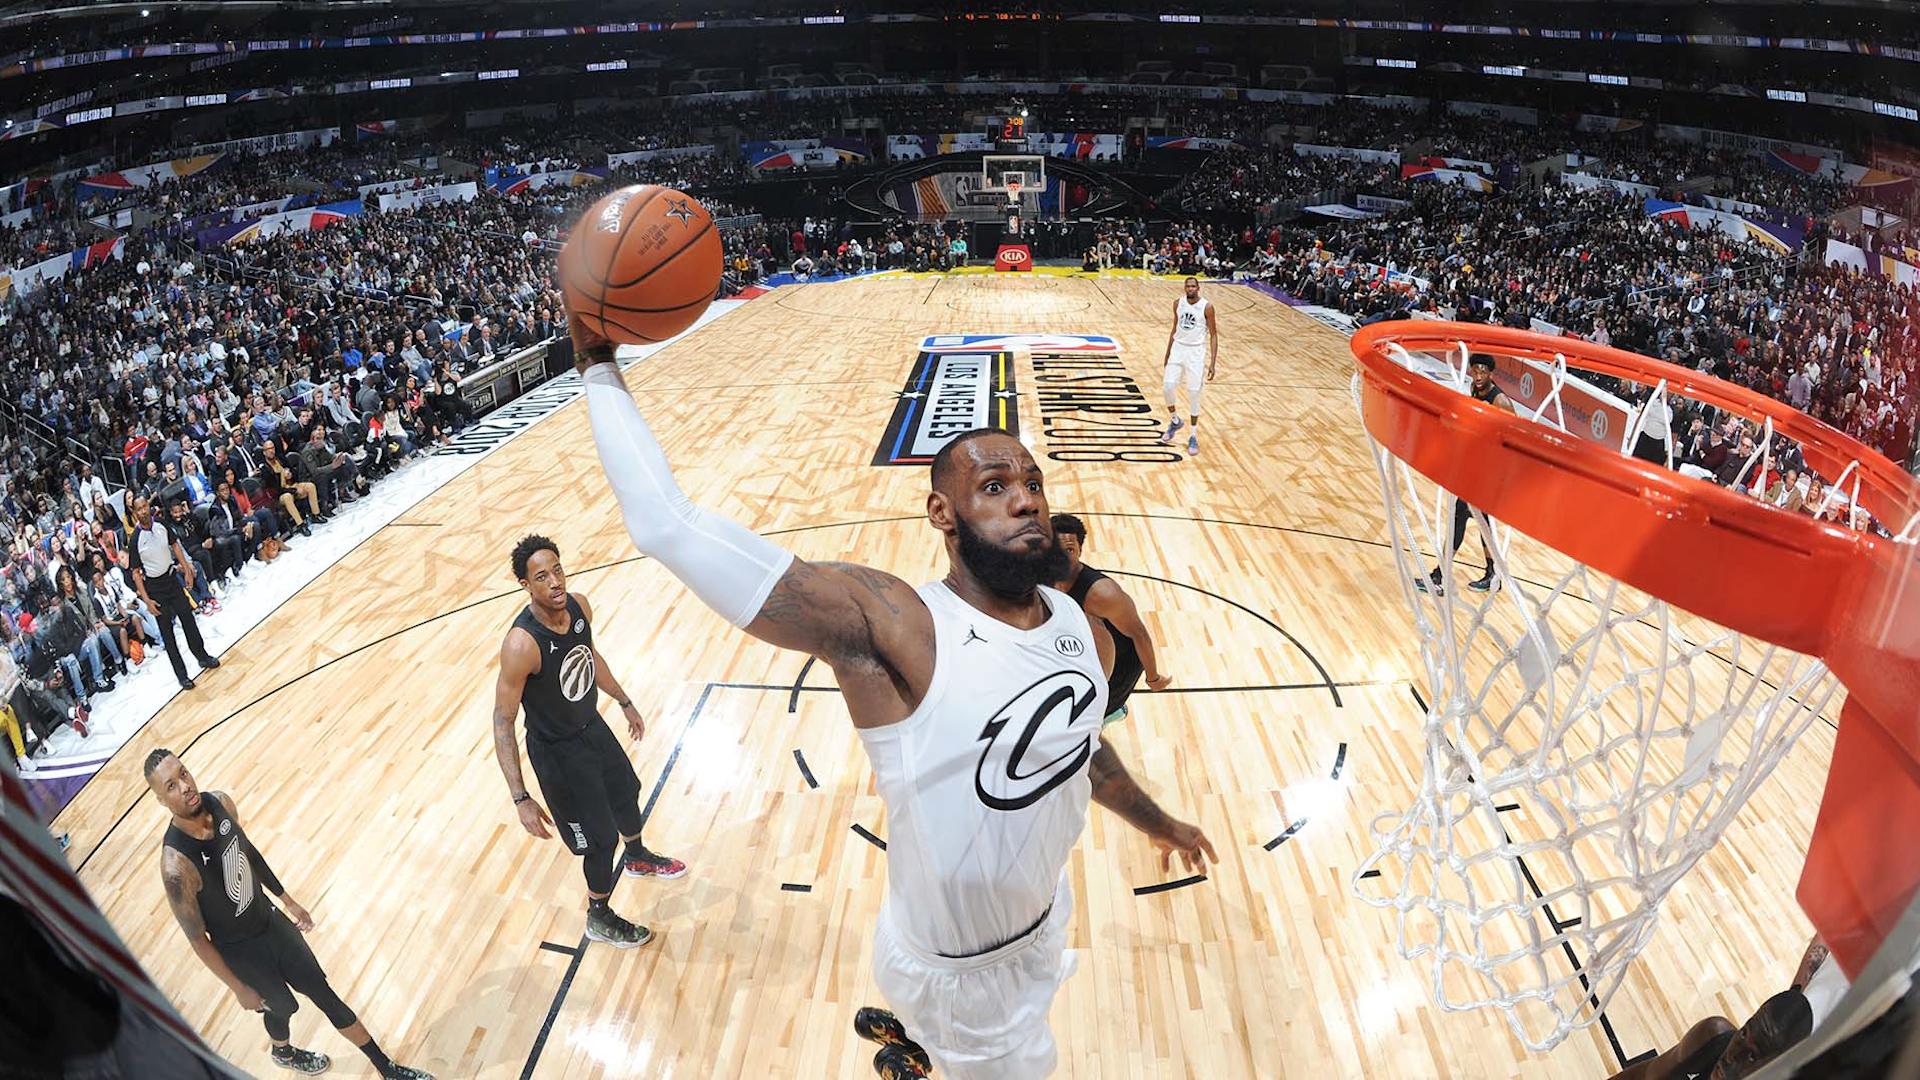 All Star Game de la NBA, LeBron James le gana el duelo a Stephen Curry. Foto cortesía